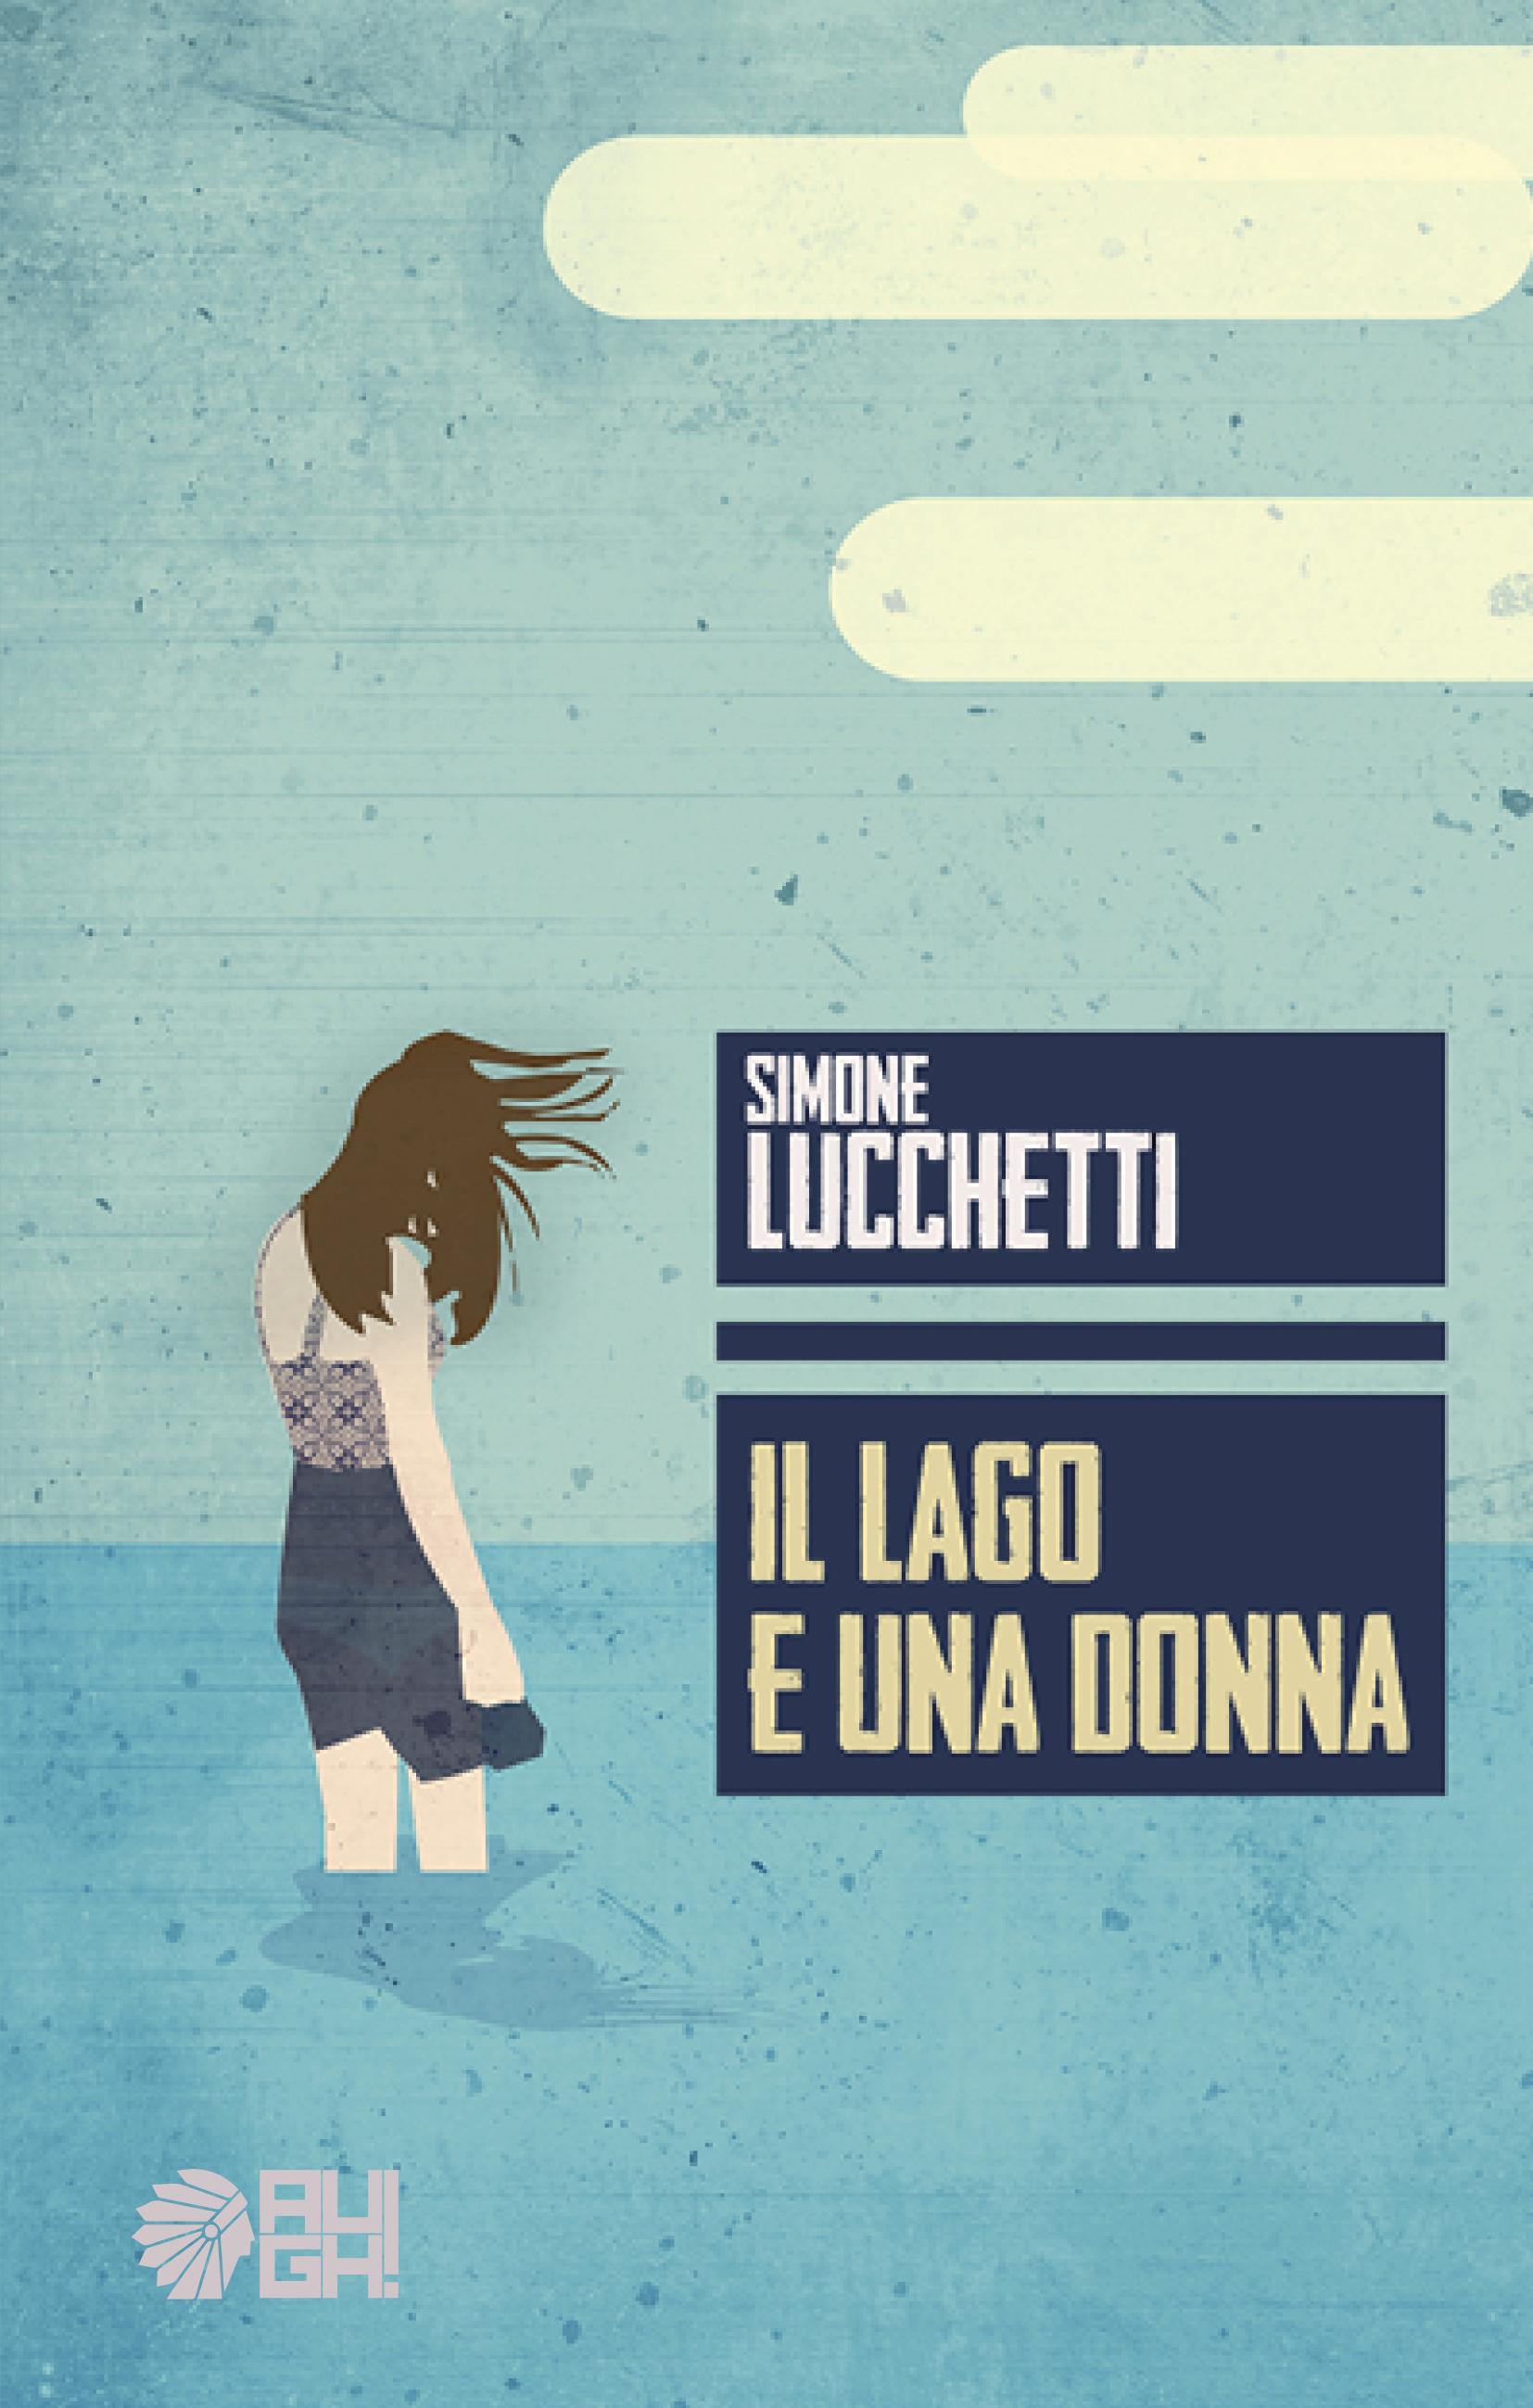 https://www.aughedizioni.it/wp-content/uploads/2017/01/piatto_Il-lago-e-una-donna.jpg